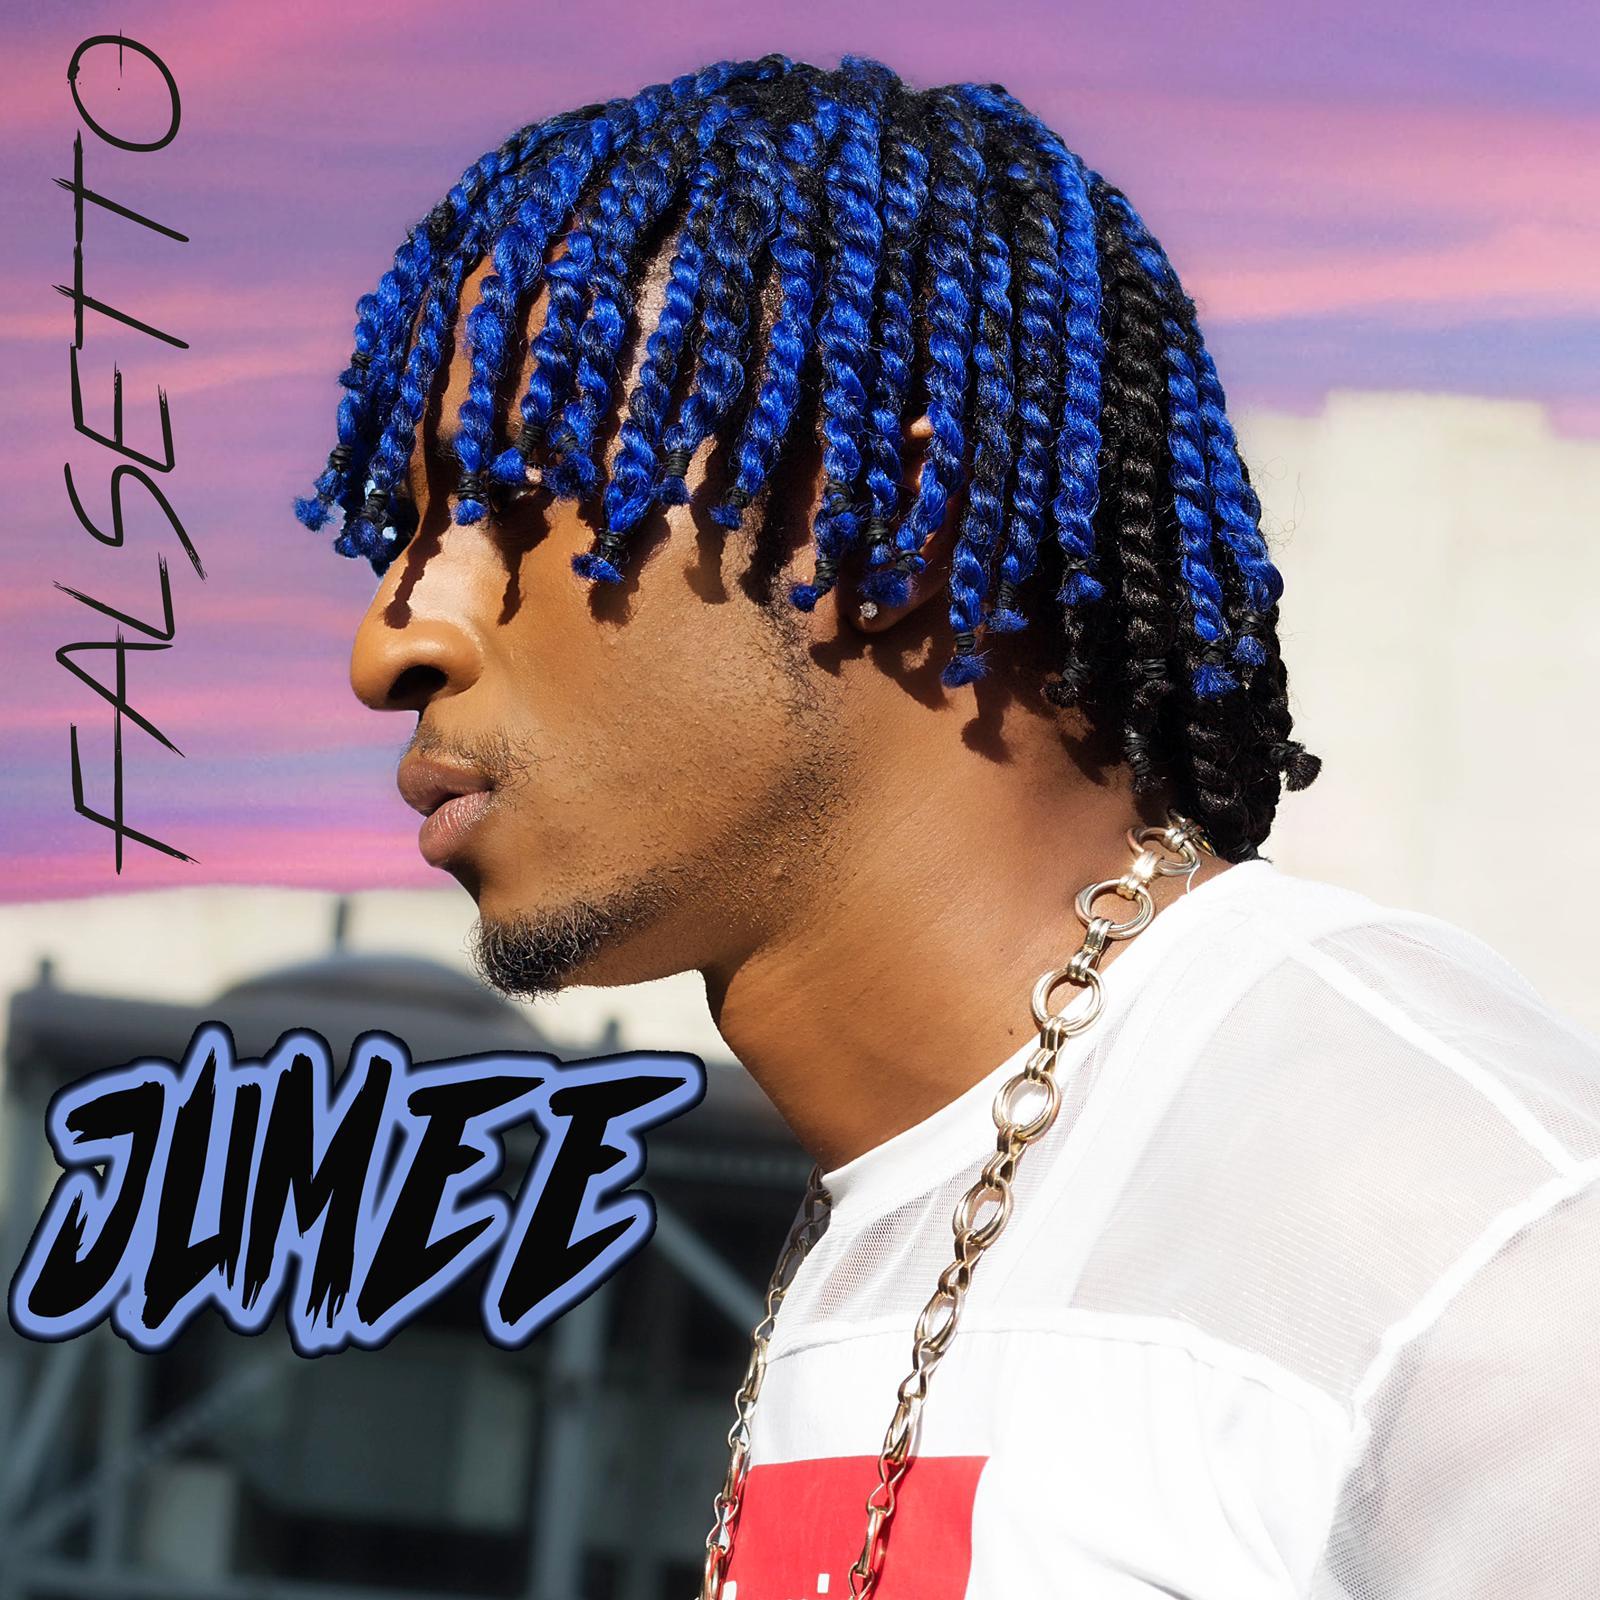 Jumee - Falsetto